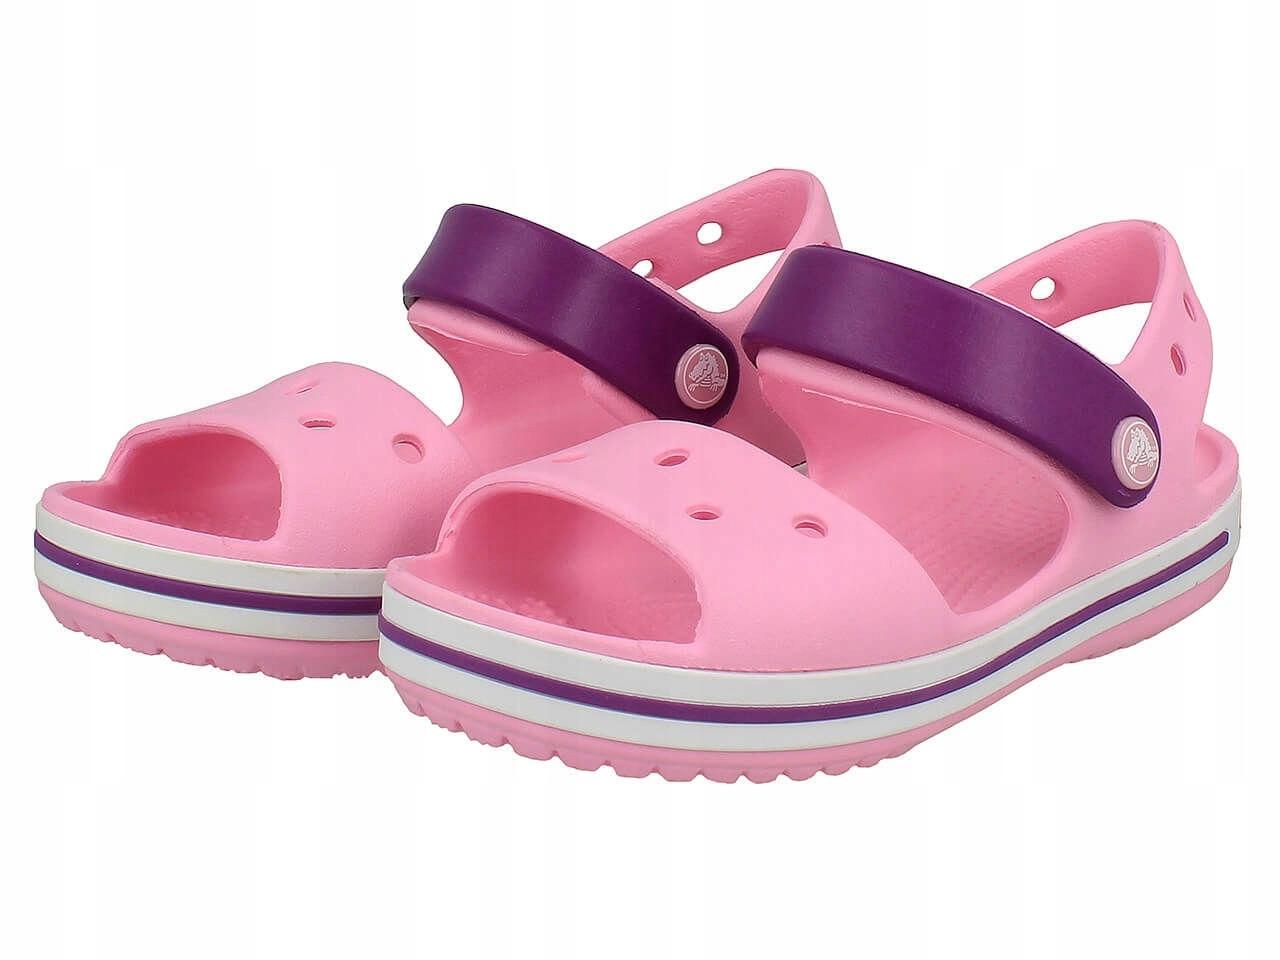 sprzedawca detaliczny różne style tani Sandały dziecięce Crocs Crocband 12856-4FV # 20/21 ...